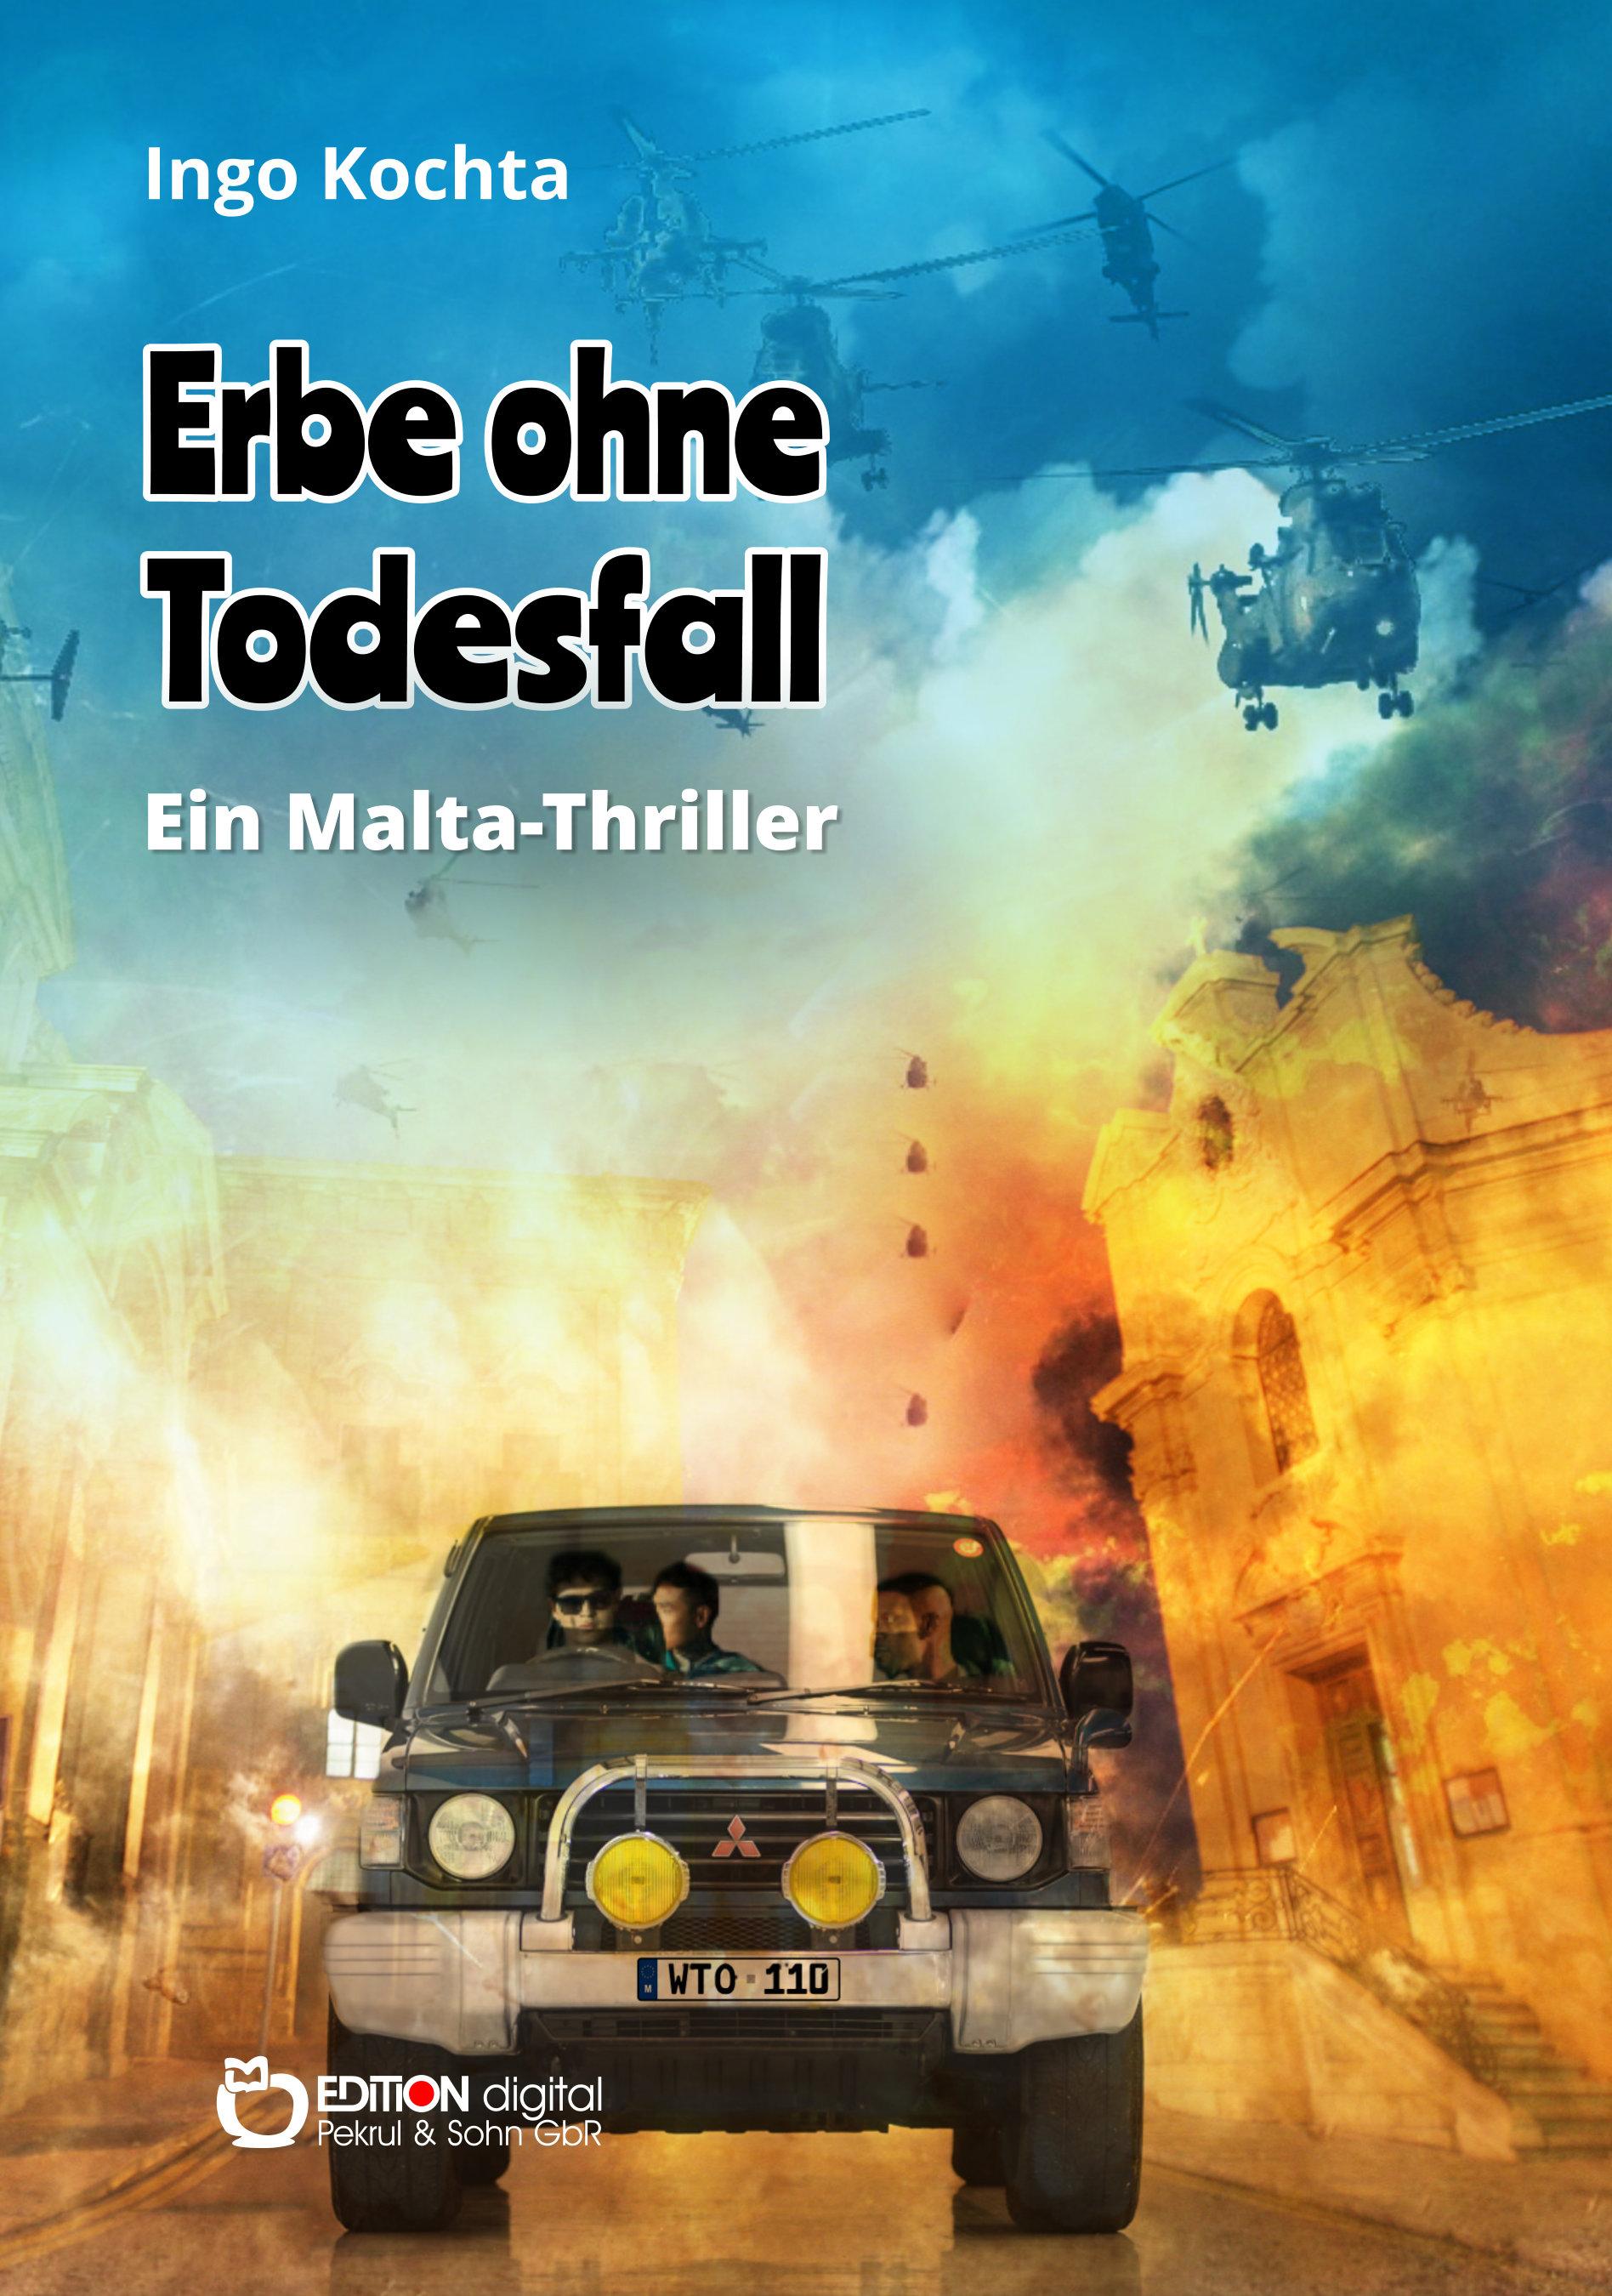 Erbe ohne Todesfall. Ein Malta-Thriller von Ingo Kochta